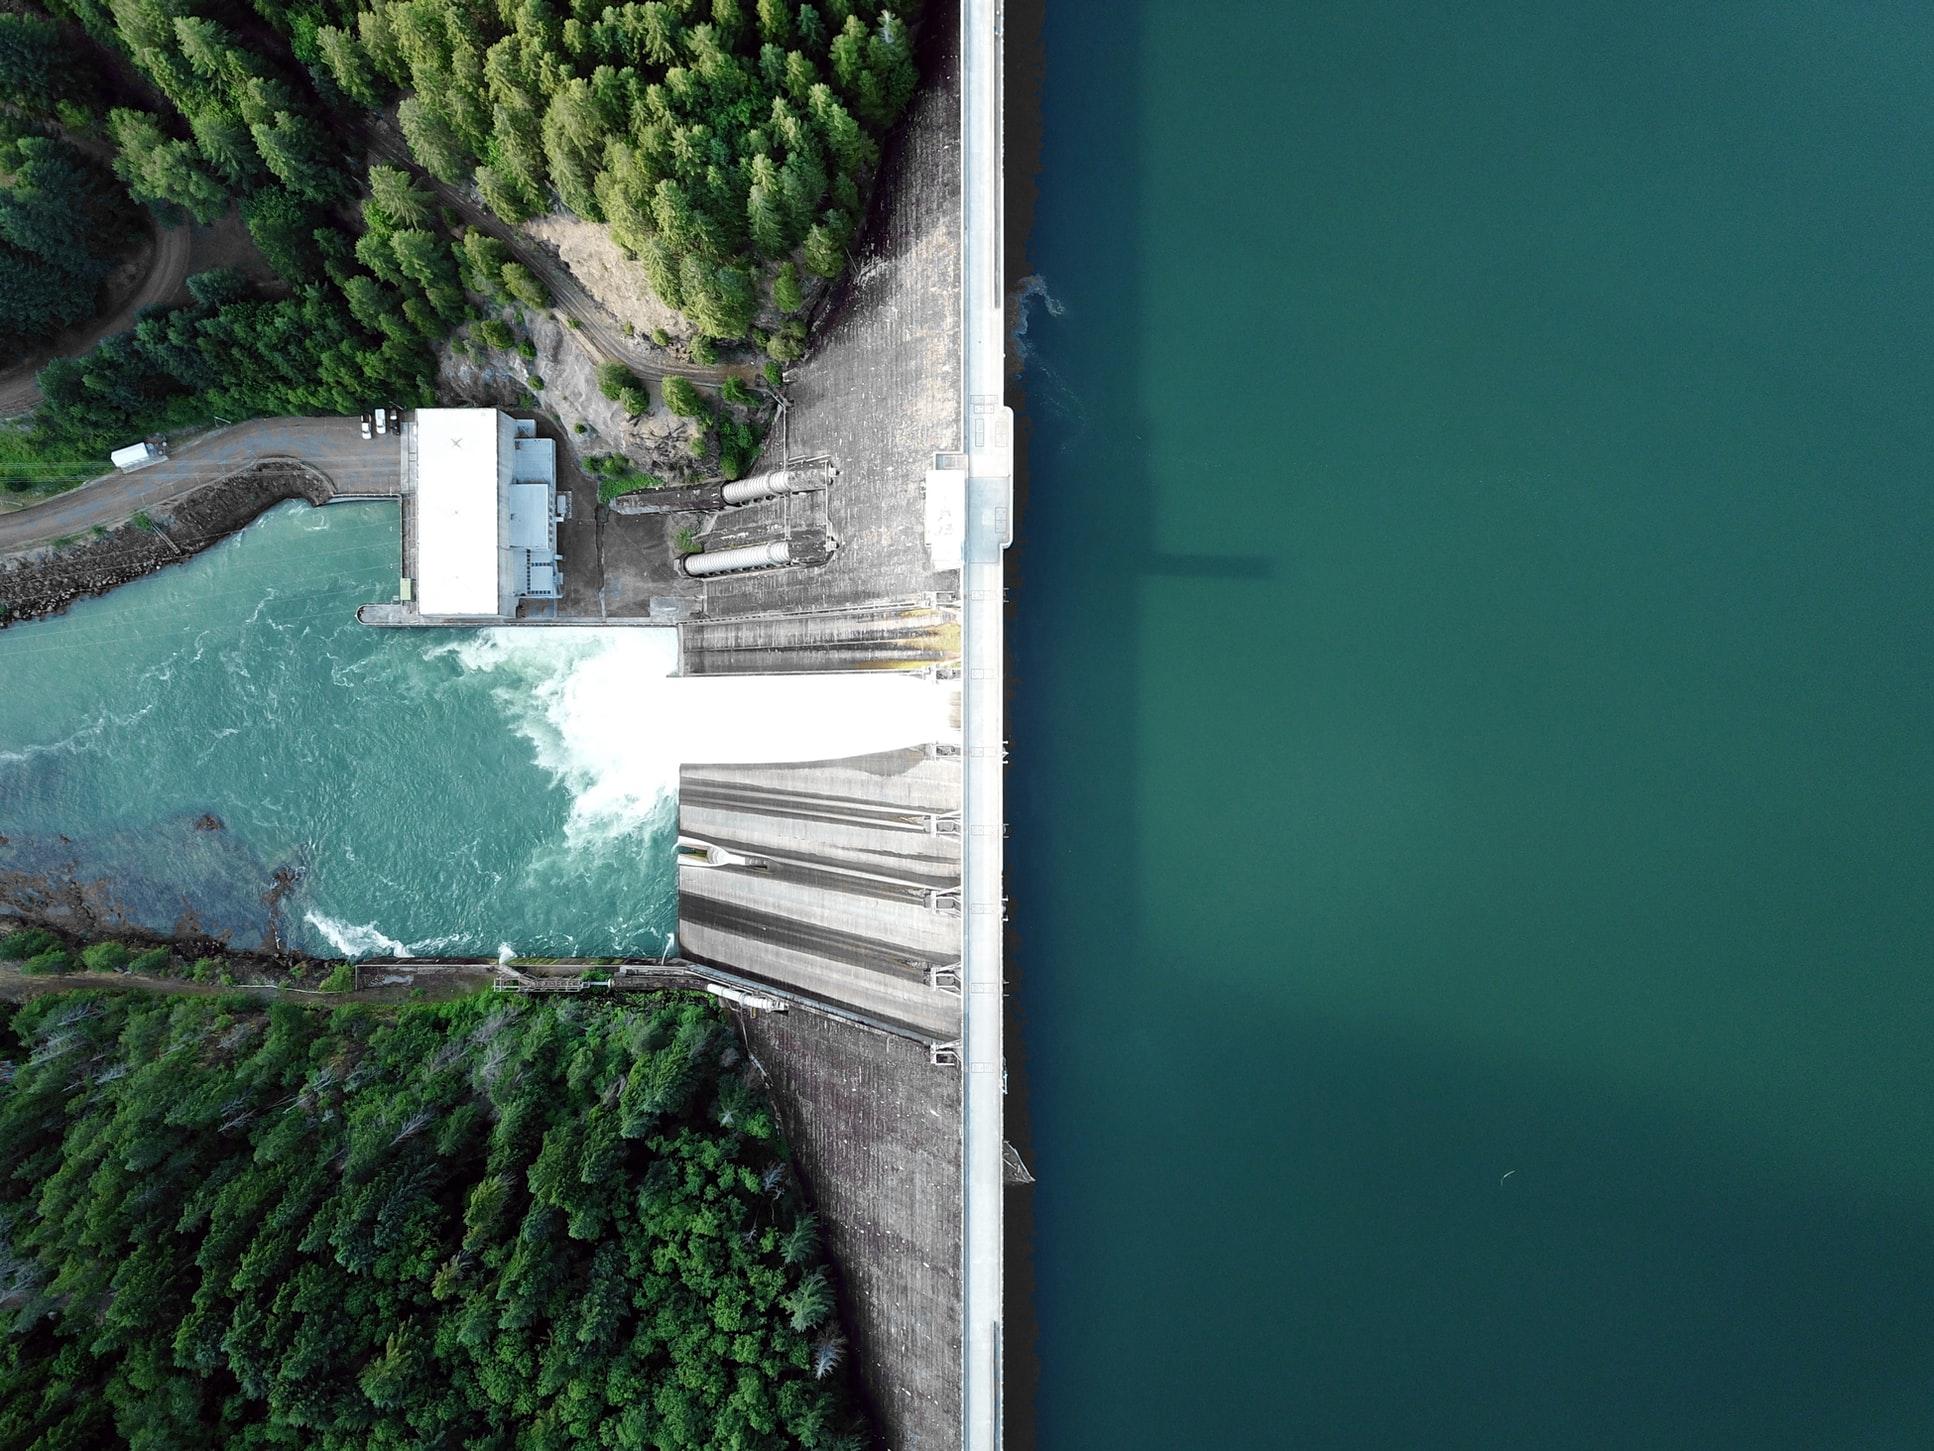 Luftbild einer Staumauer eines Wasserkraftwerkes